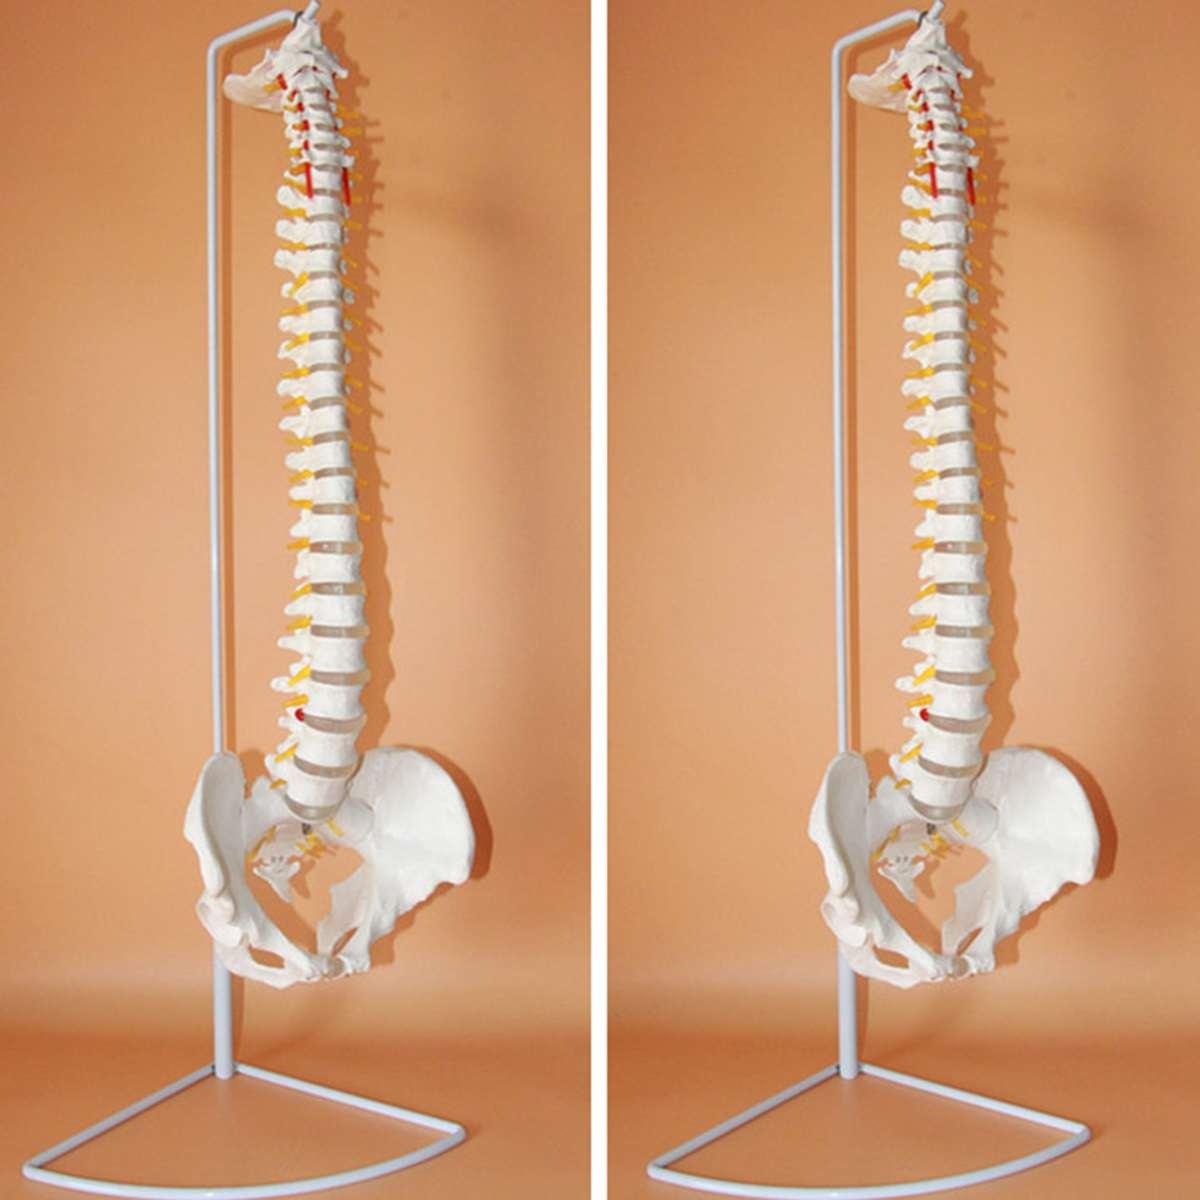 73 cm Vie Taille Flexible Chiropratique Colonne Vertébrale Humaine Anatomie Anatomique Modèle Avec Support L'école La Science Médicale Modèle Éducatif